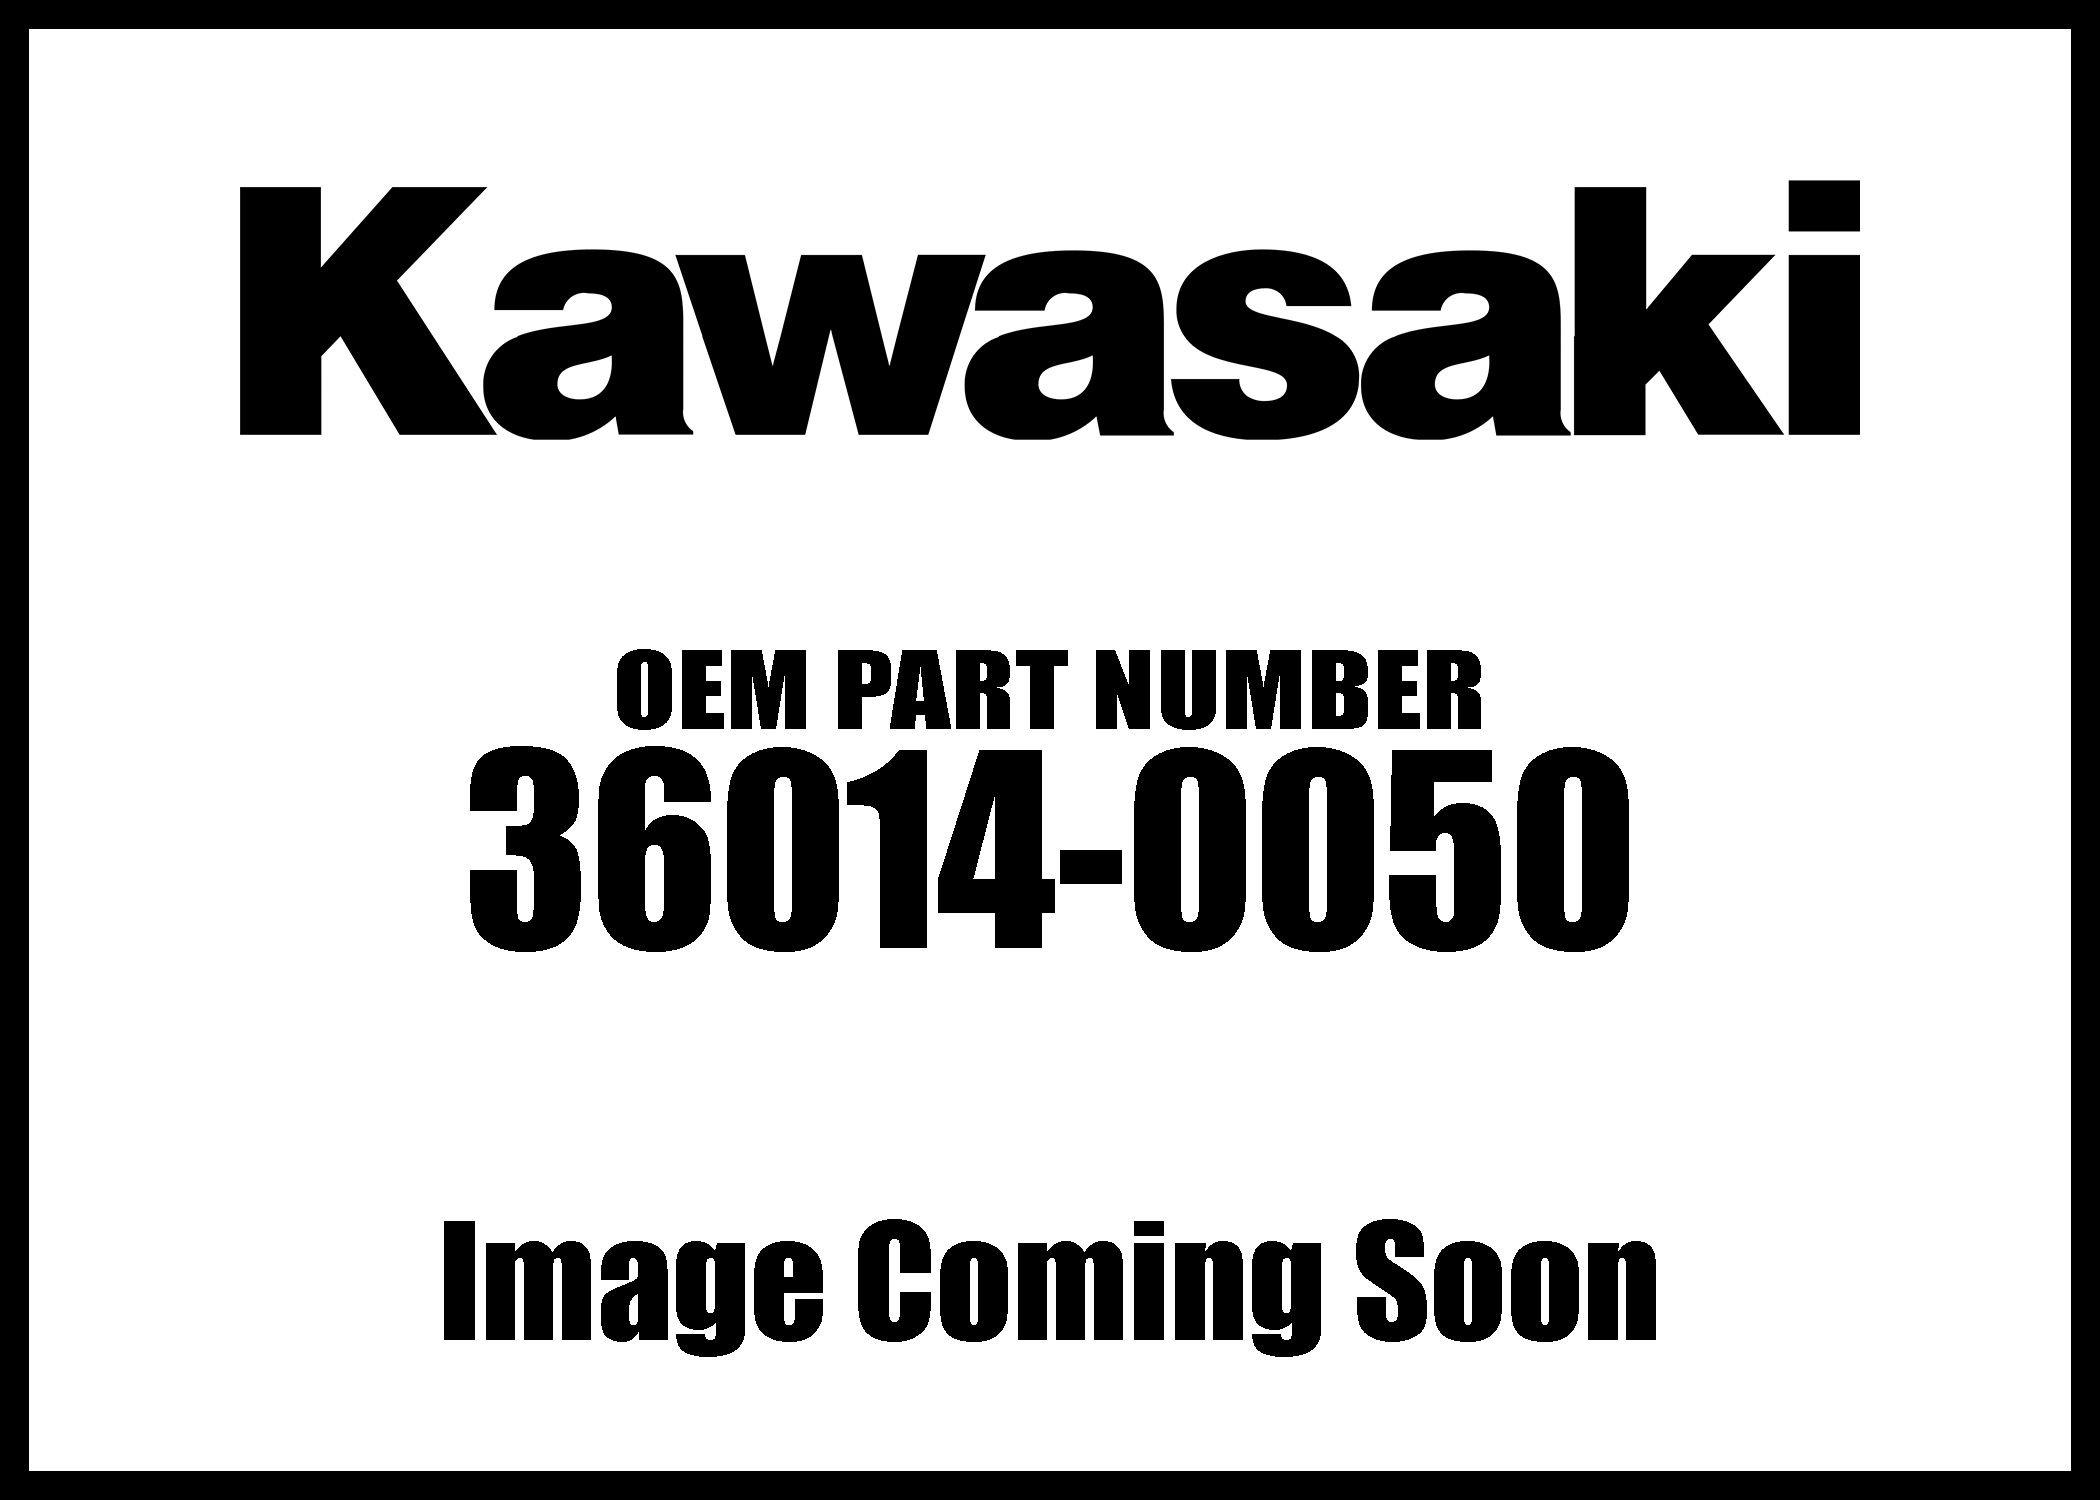 Kawasaki 1985-2018 Klx250 Kr250x Chain Case 36014-0050 New Oem